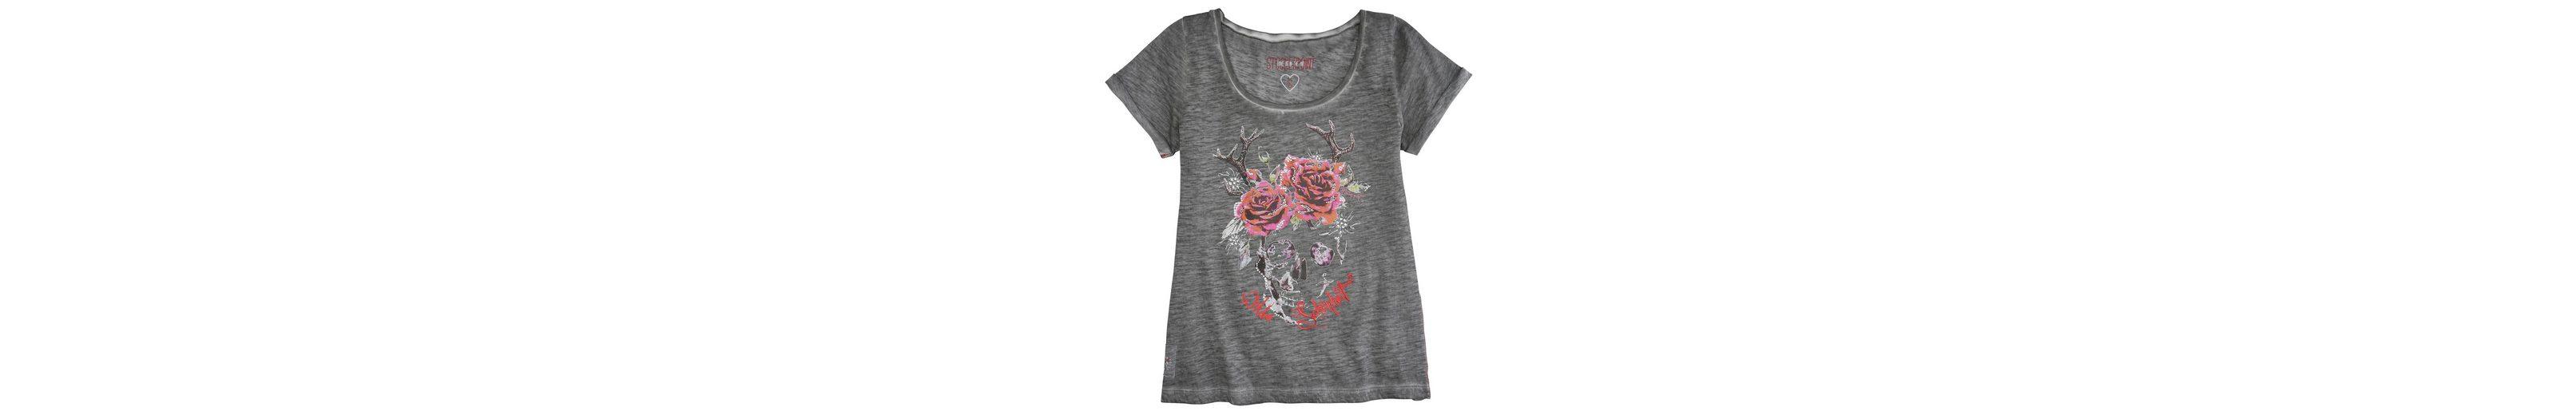 Beste Wahl Finden Große Günstig Online Stockerpoint Trachtenshirt Damen mit Strasssteinen #NAME? Günstigsten Preis Online Verkauf Mode-Stil KCn0kk